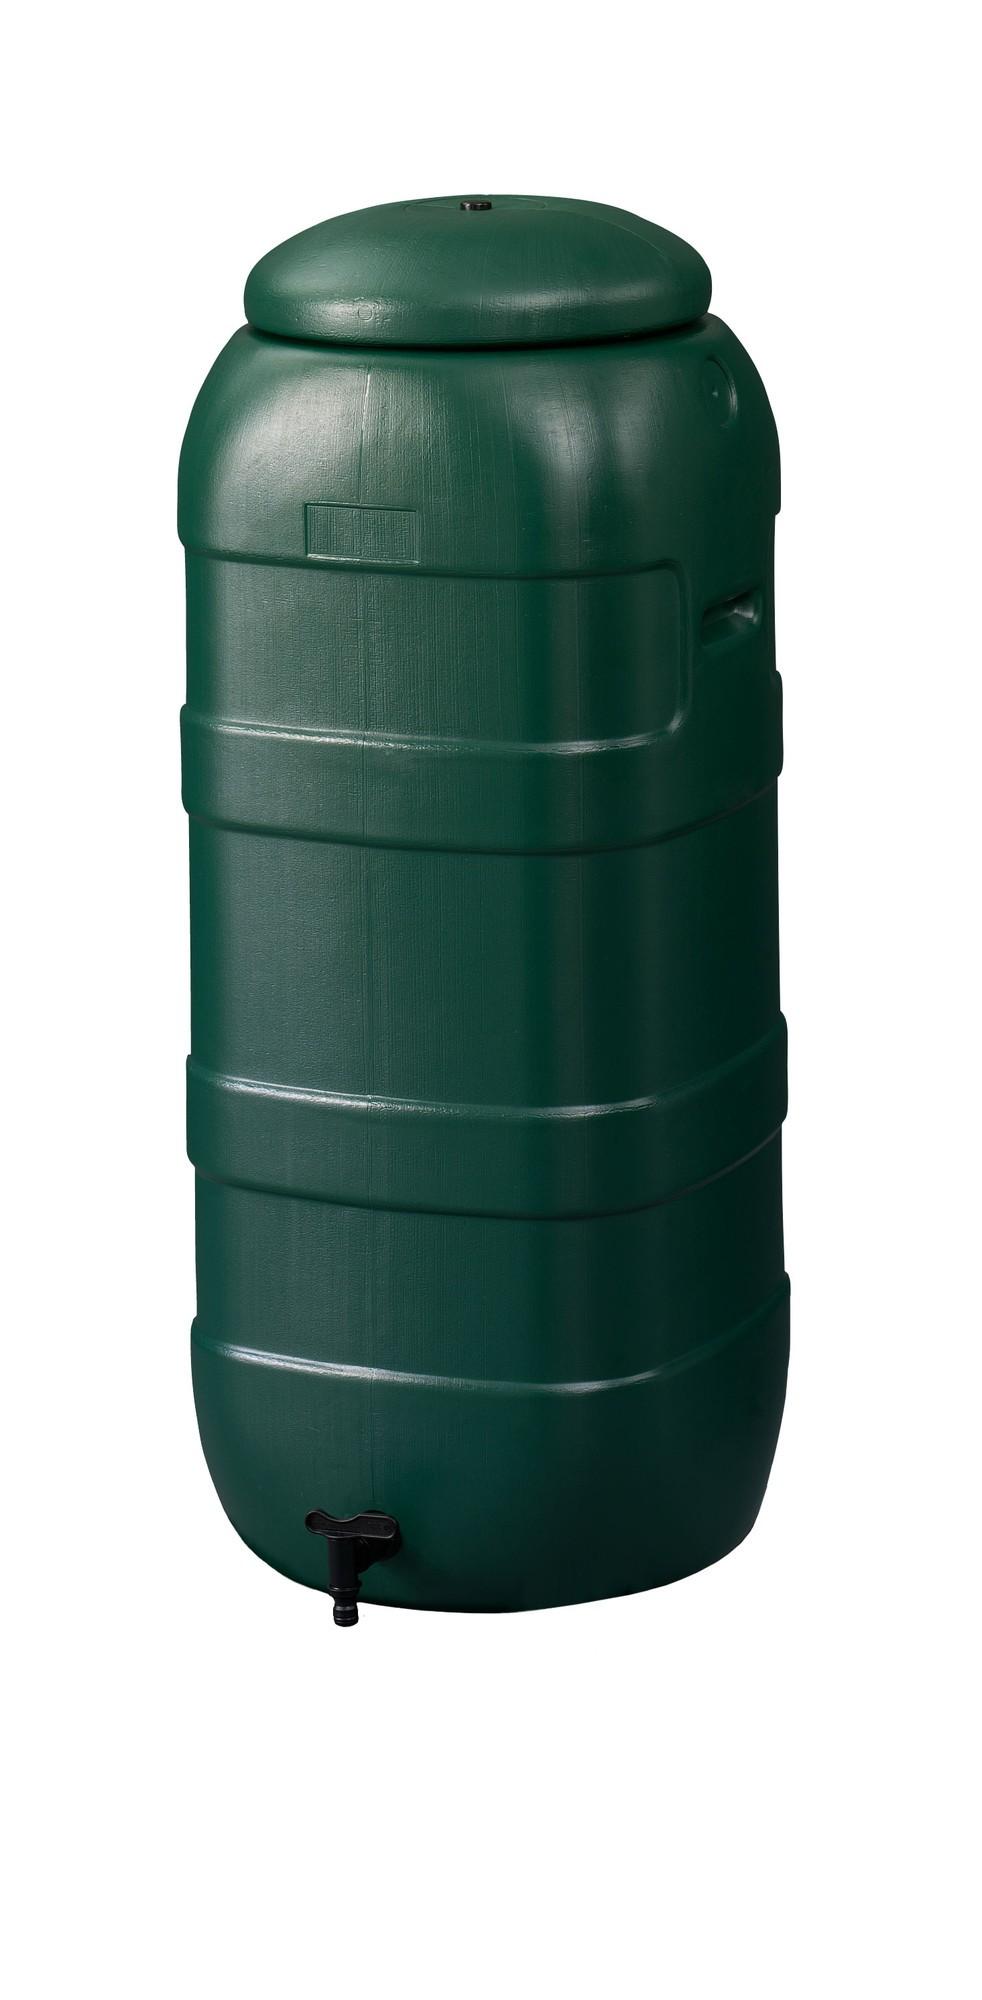 Mini rainsaver 100 liter groen